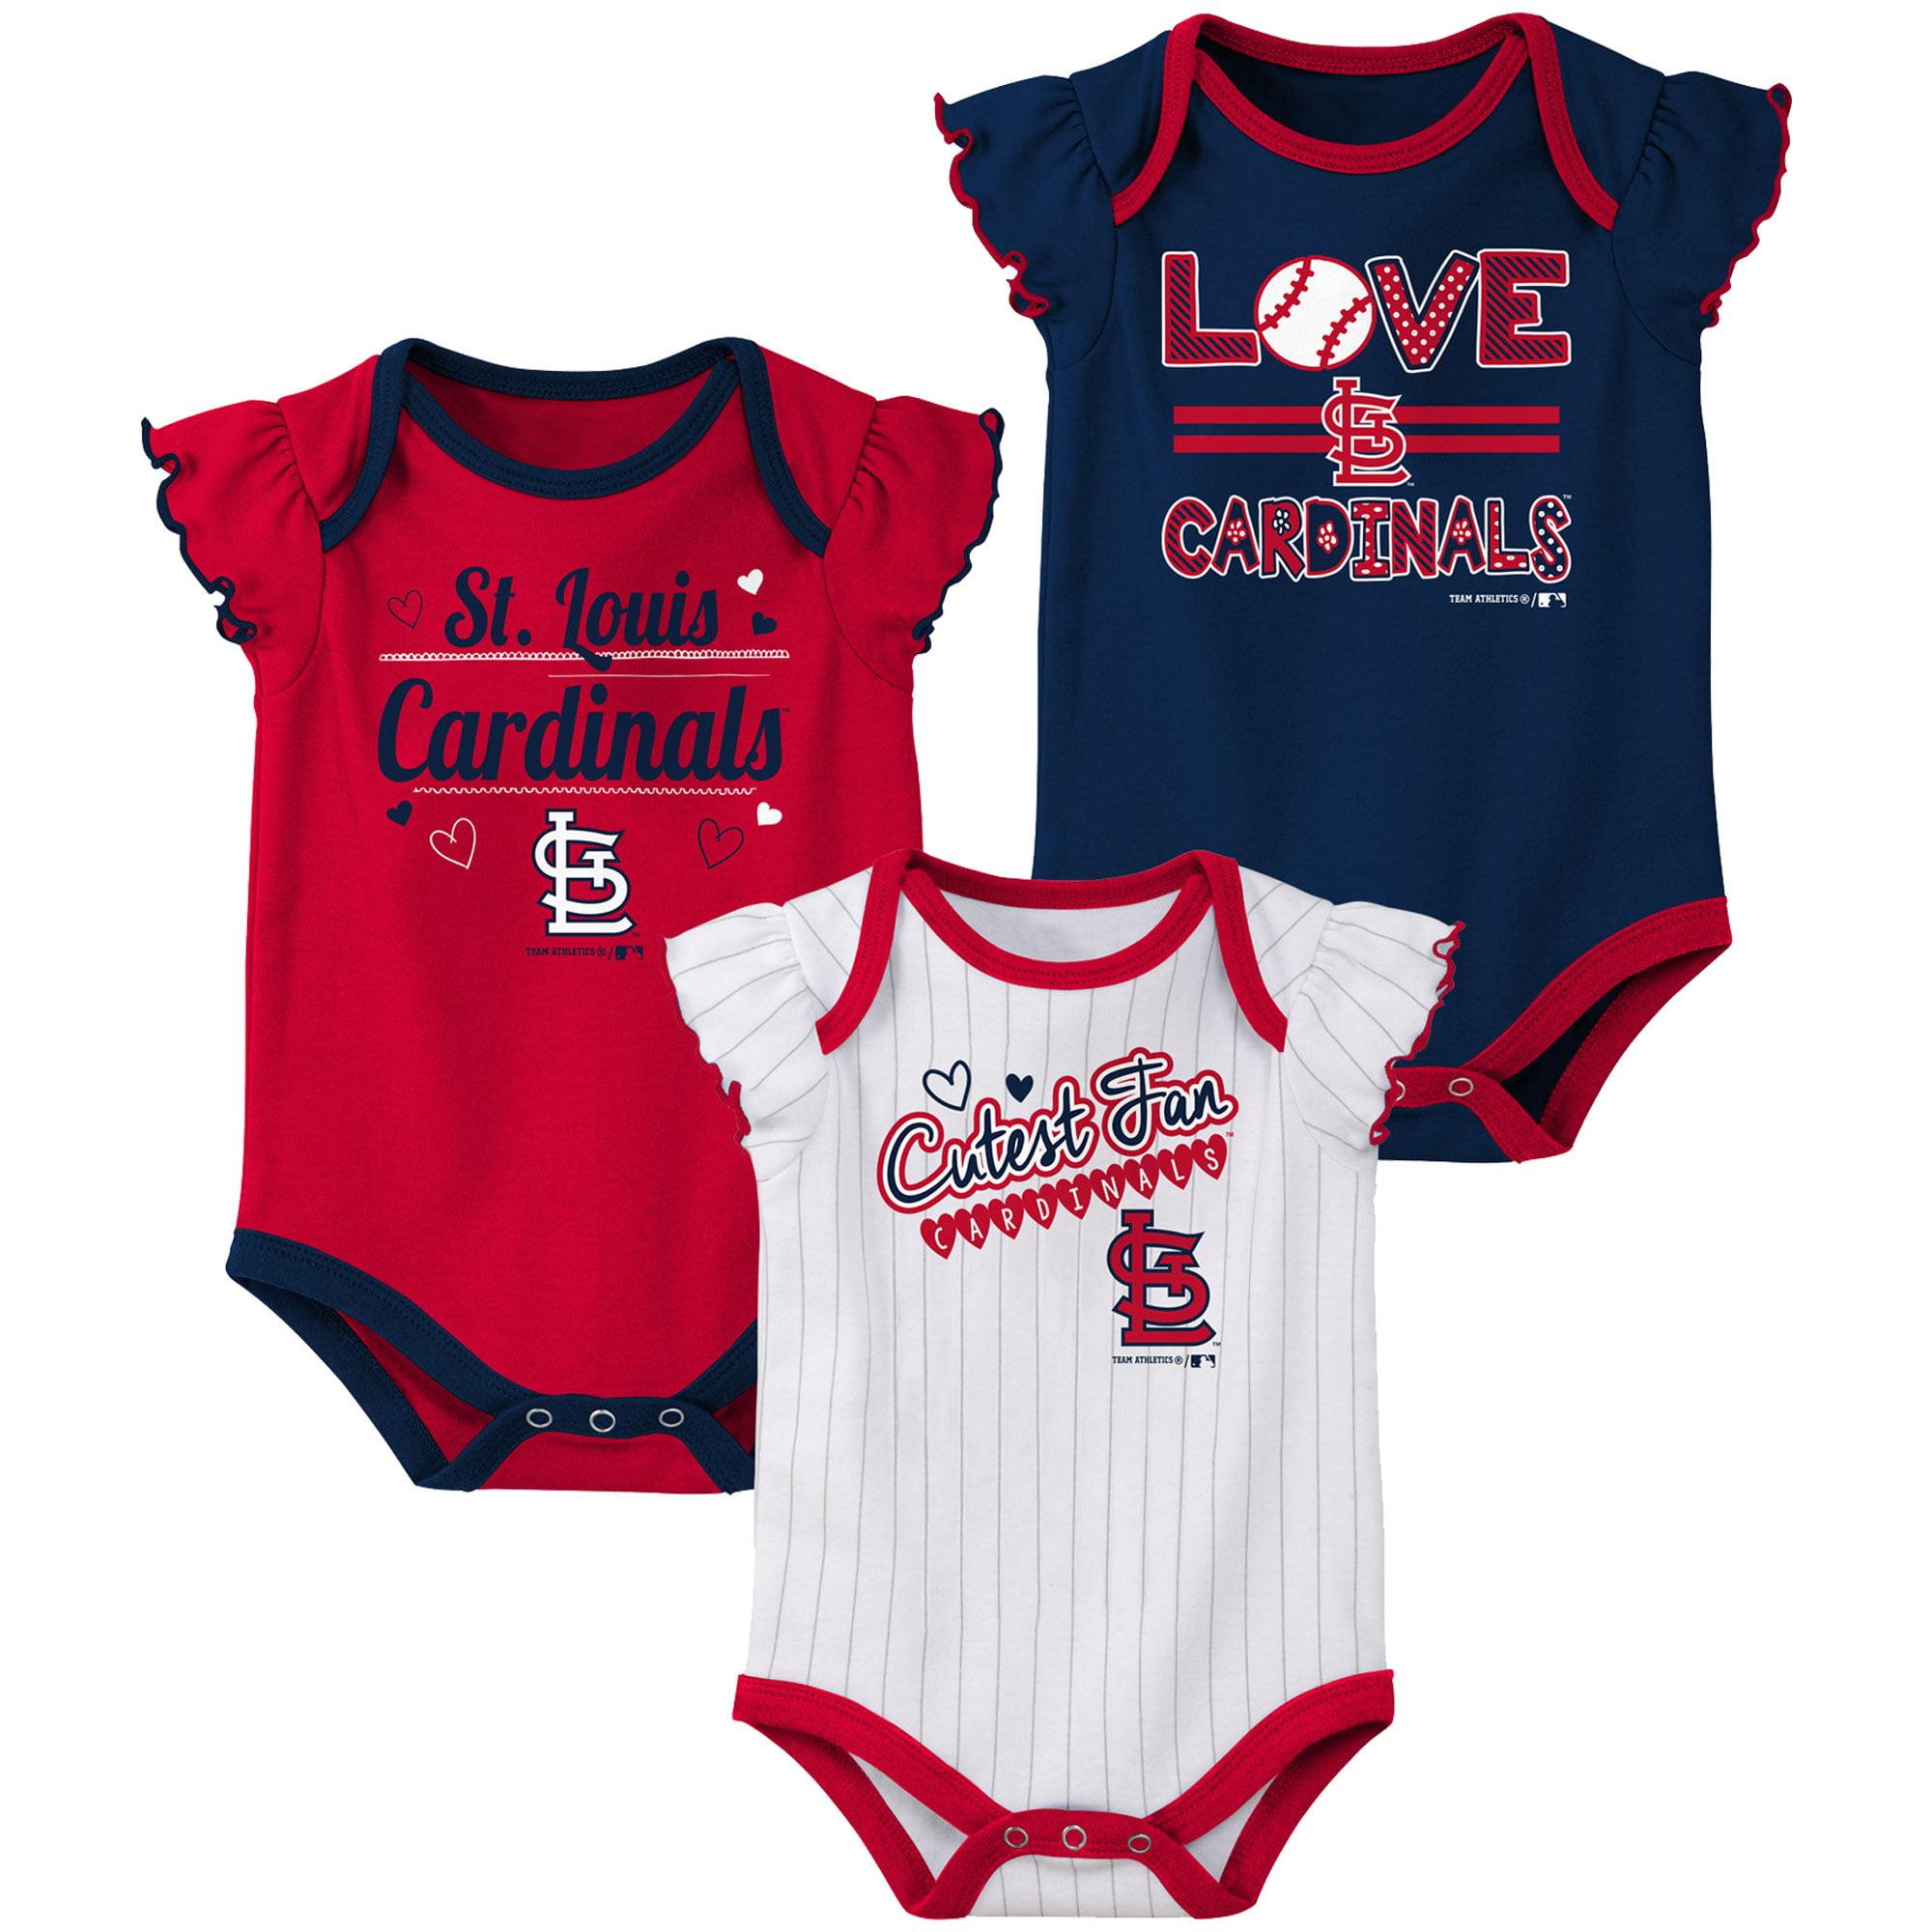 best website 0050d f3028 St. Louis Cardinals Team Shop - Walmart.com